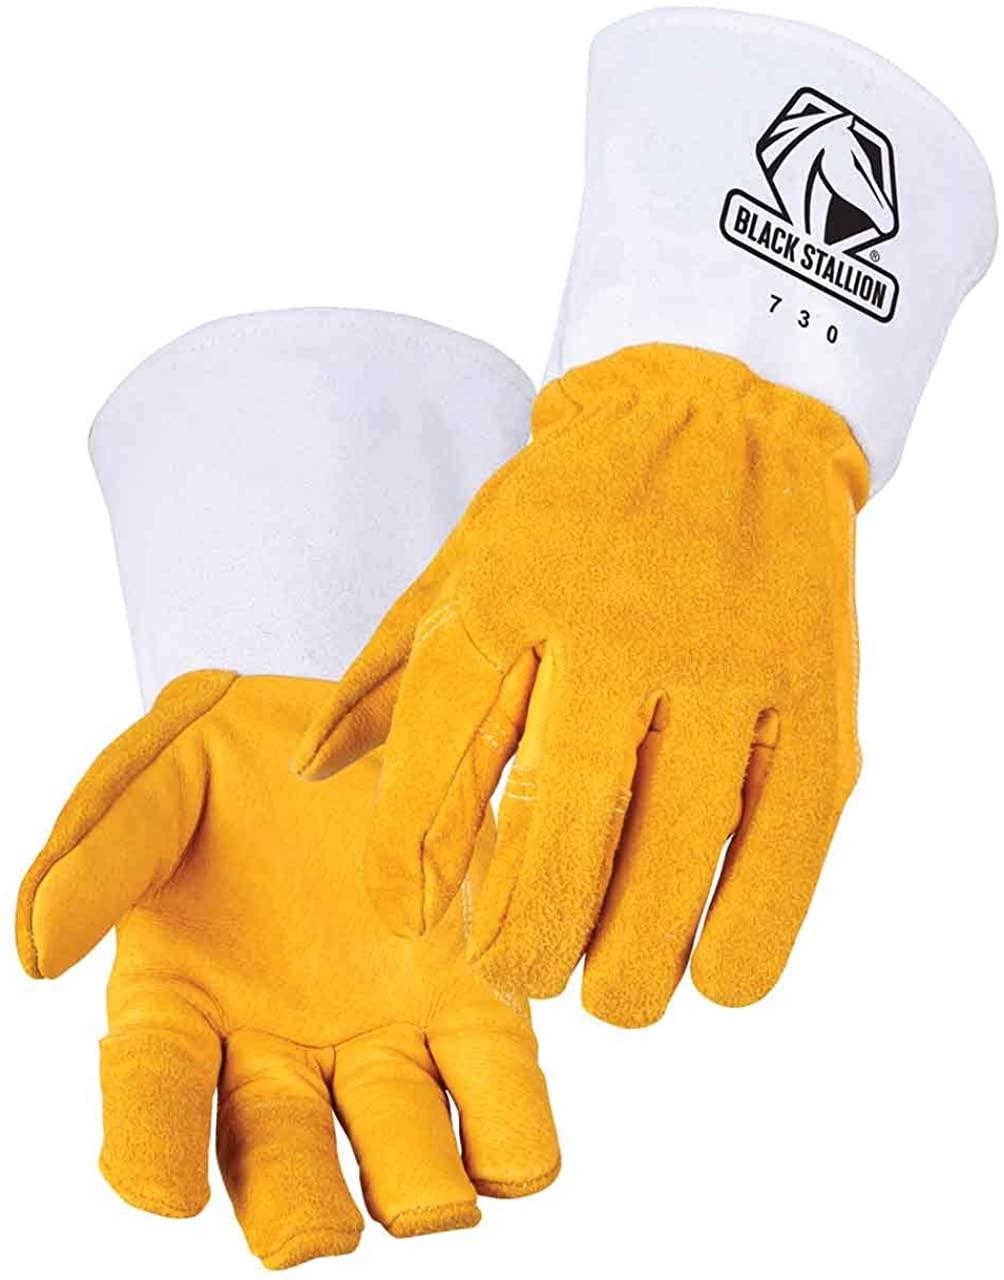 Black Stallion 730 Maximus Premium Grain/Split Cowhide Stick Welding Gloves, XL